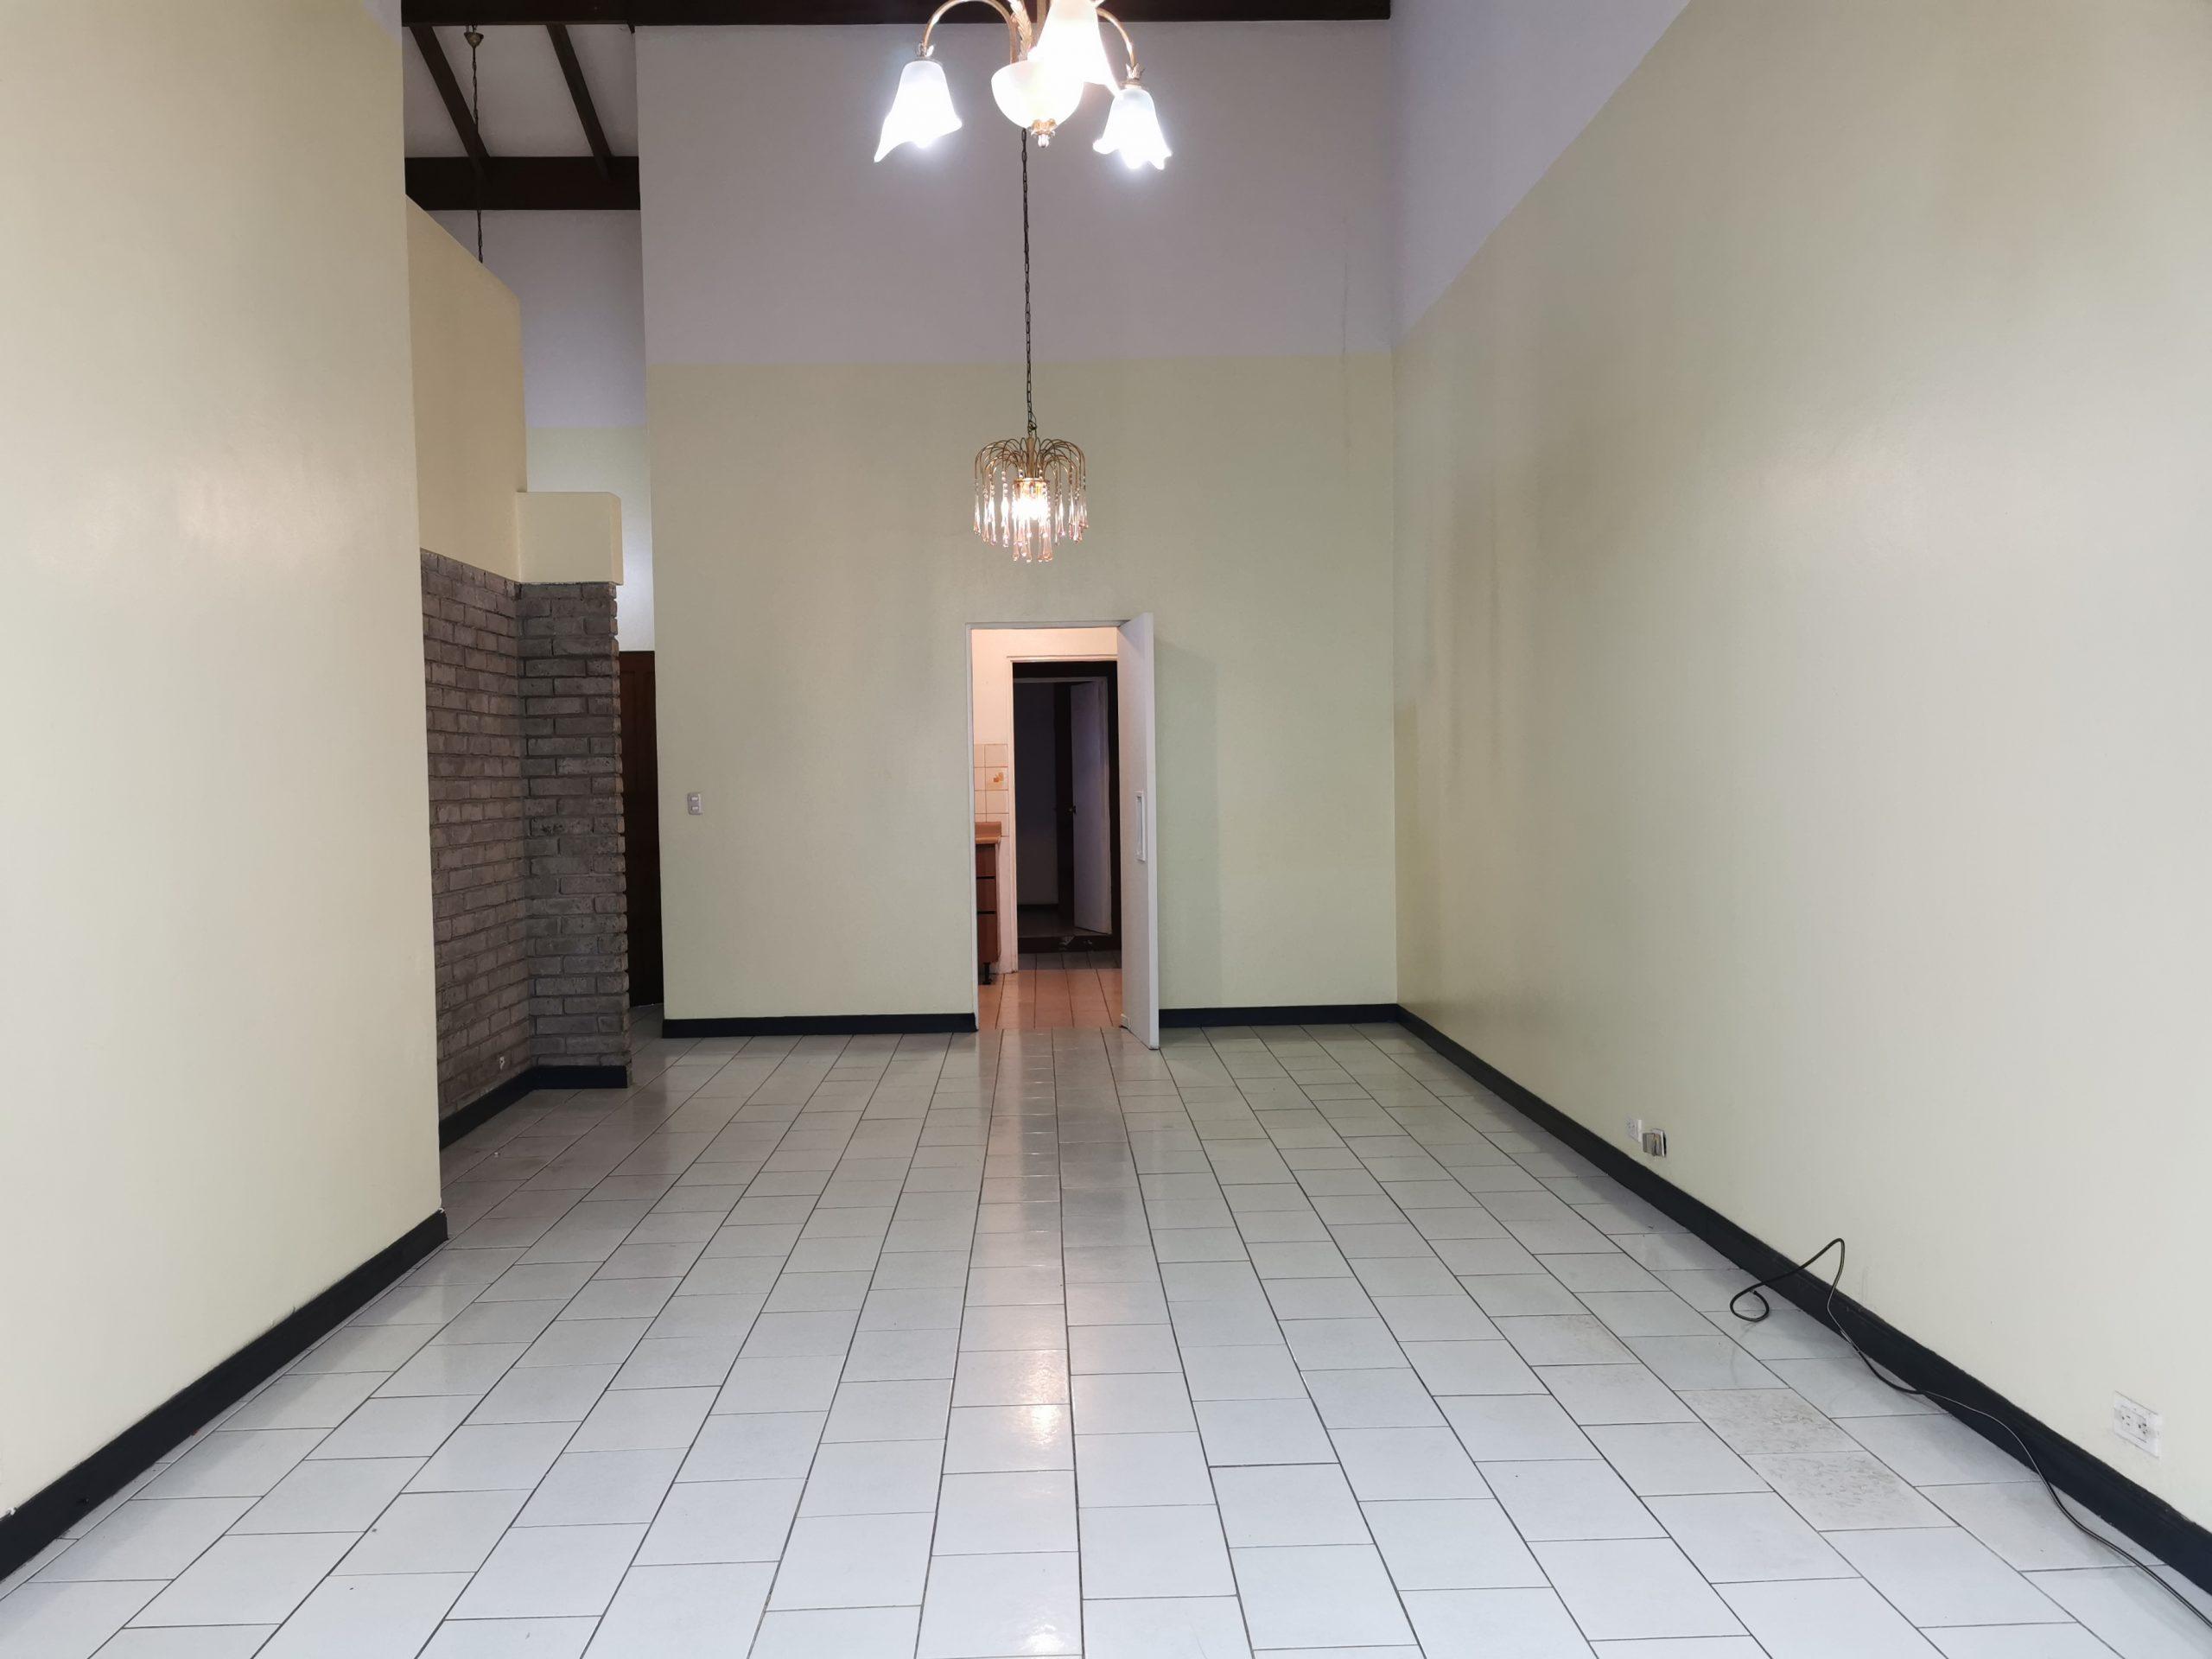 Casa independiente amplia en Freses de Curridabat, 4 habitaciones